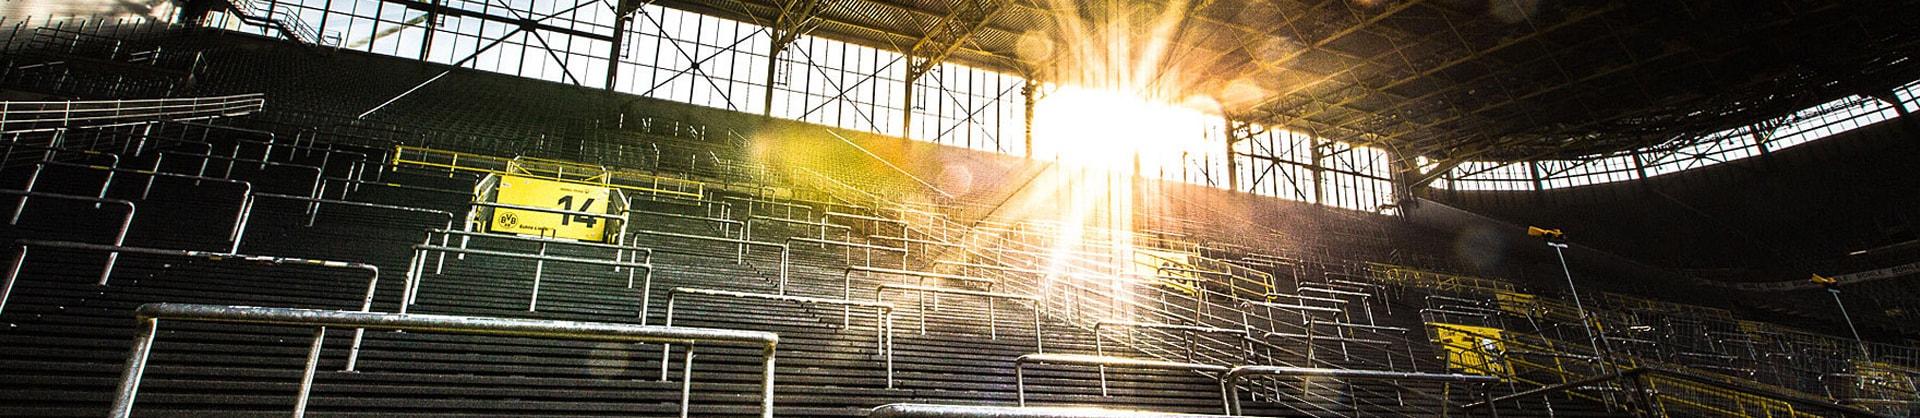 Fans fordern Stehplätze in den europäischen Wettbewerben